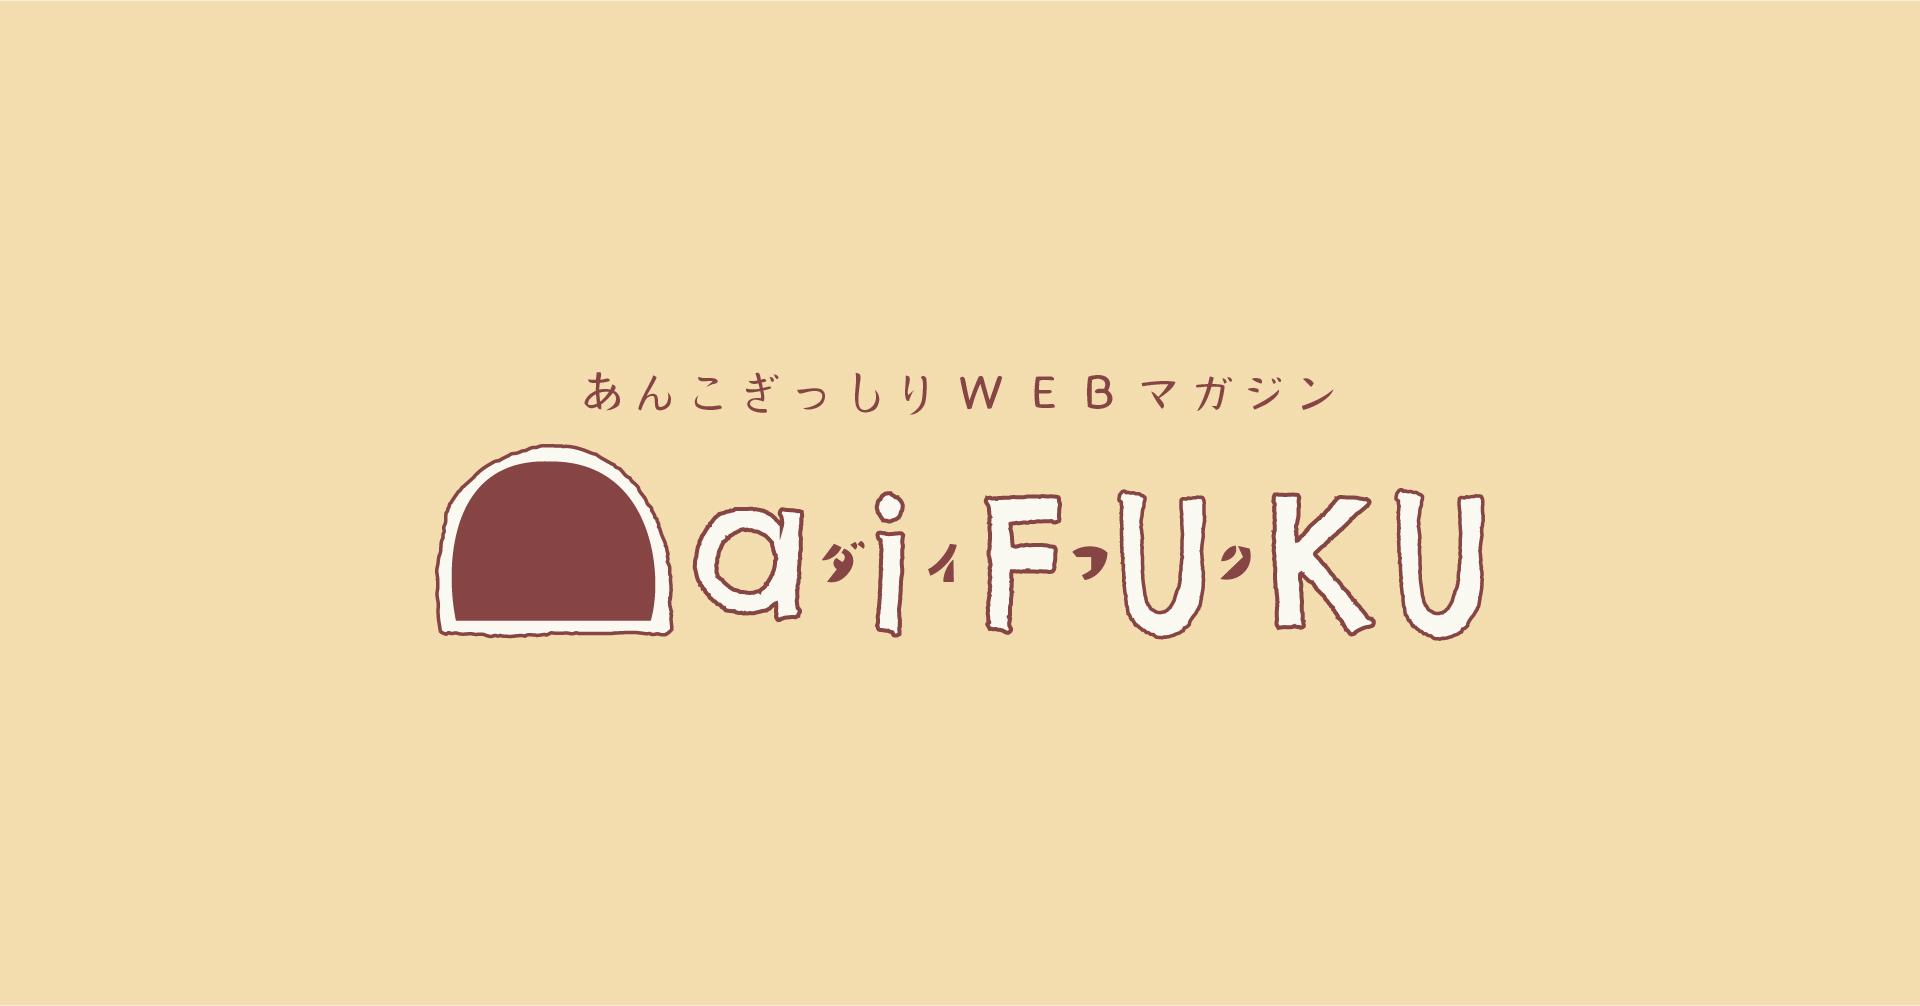 MAGiC HoUR運営のメディア「あんこぎっしりWebマガジン・DaiFUKU」がnoteからお引越し。オウンドメディアとしてリニューアルしました!